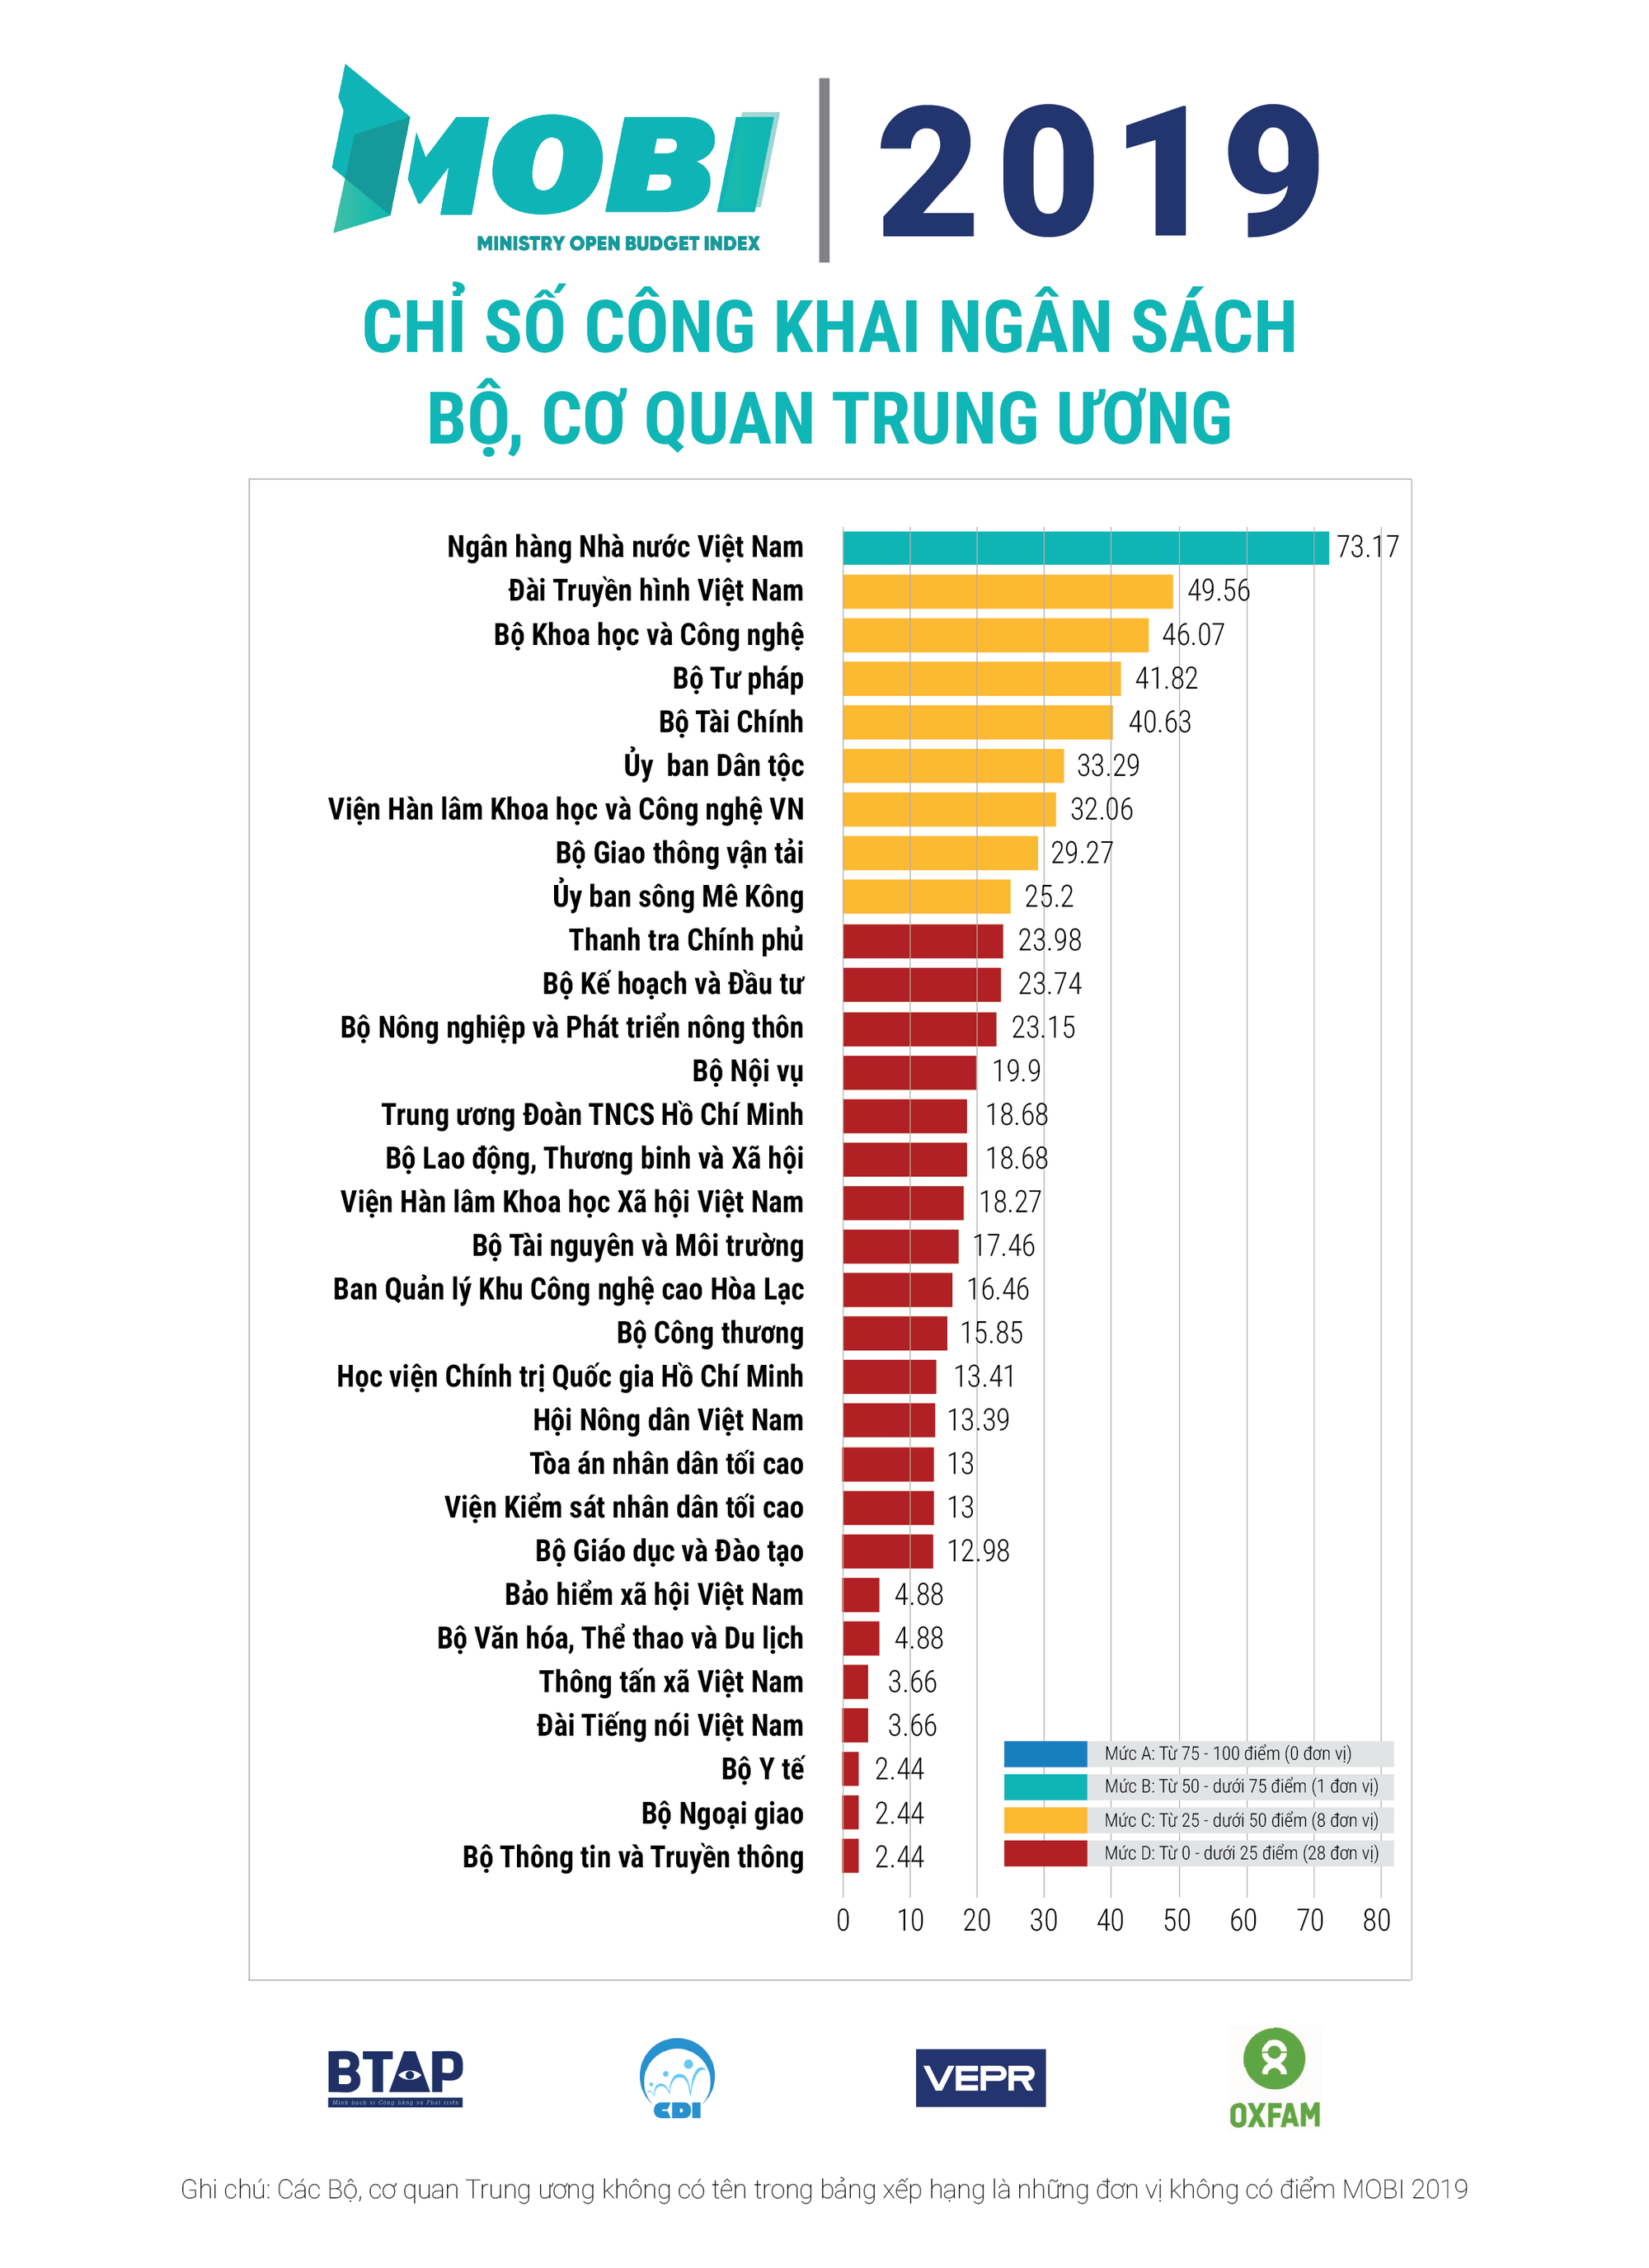 NHNN Việt Nam dẫn đầu chỉ số công khai ngân sách năm 2019  - Ảnh 2.